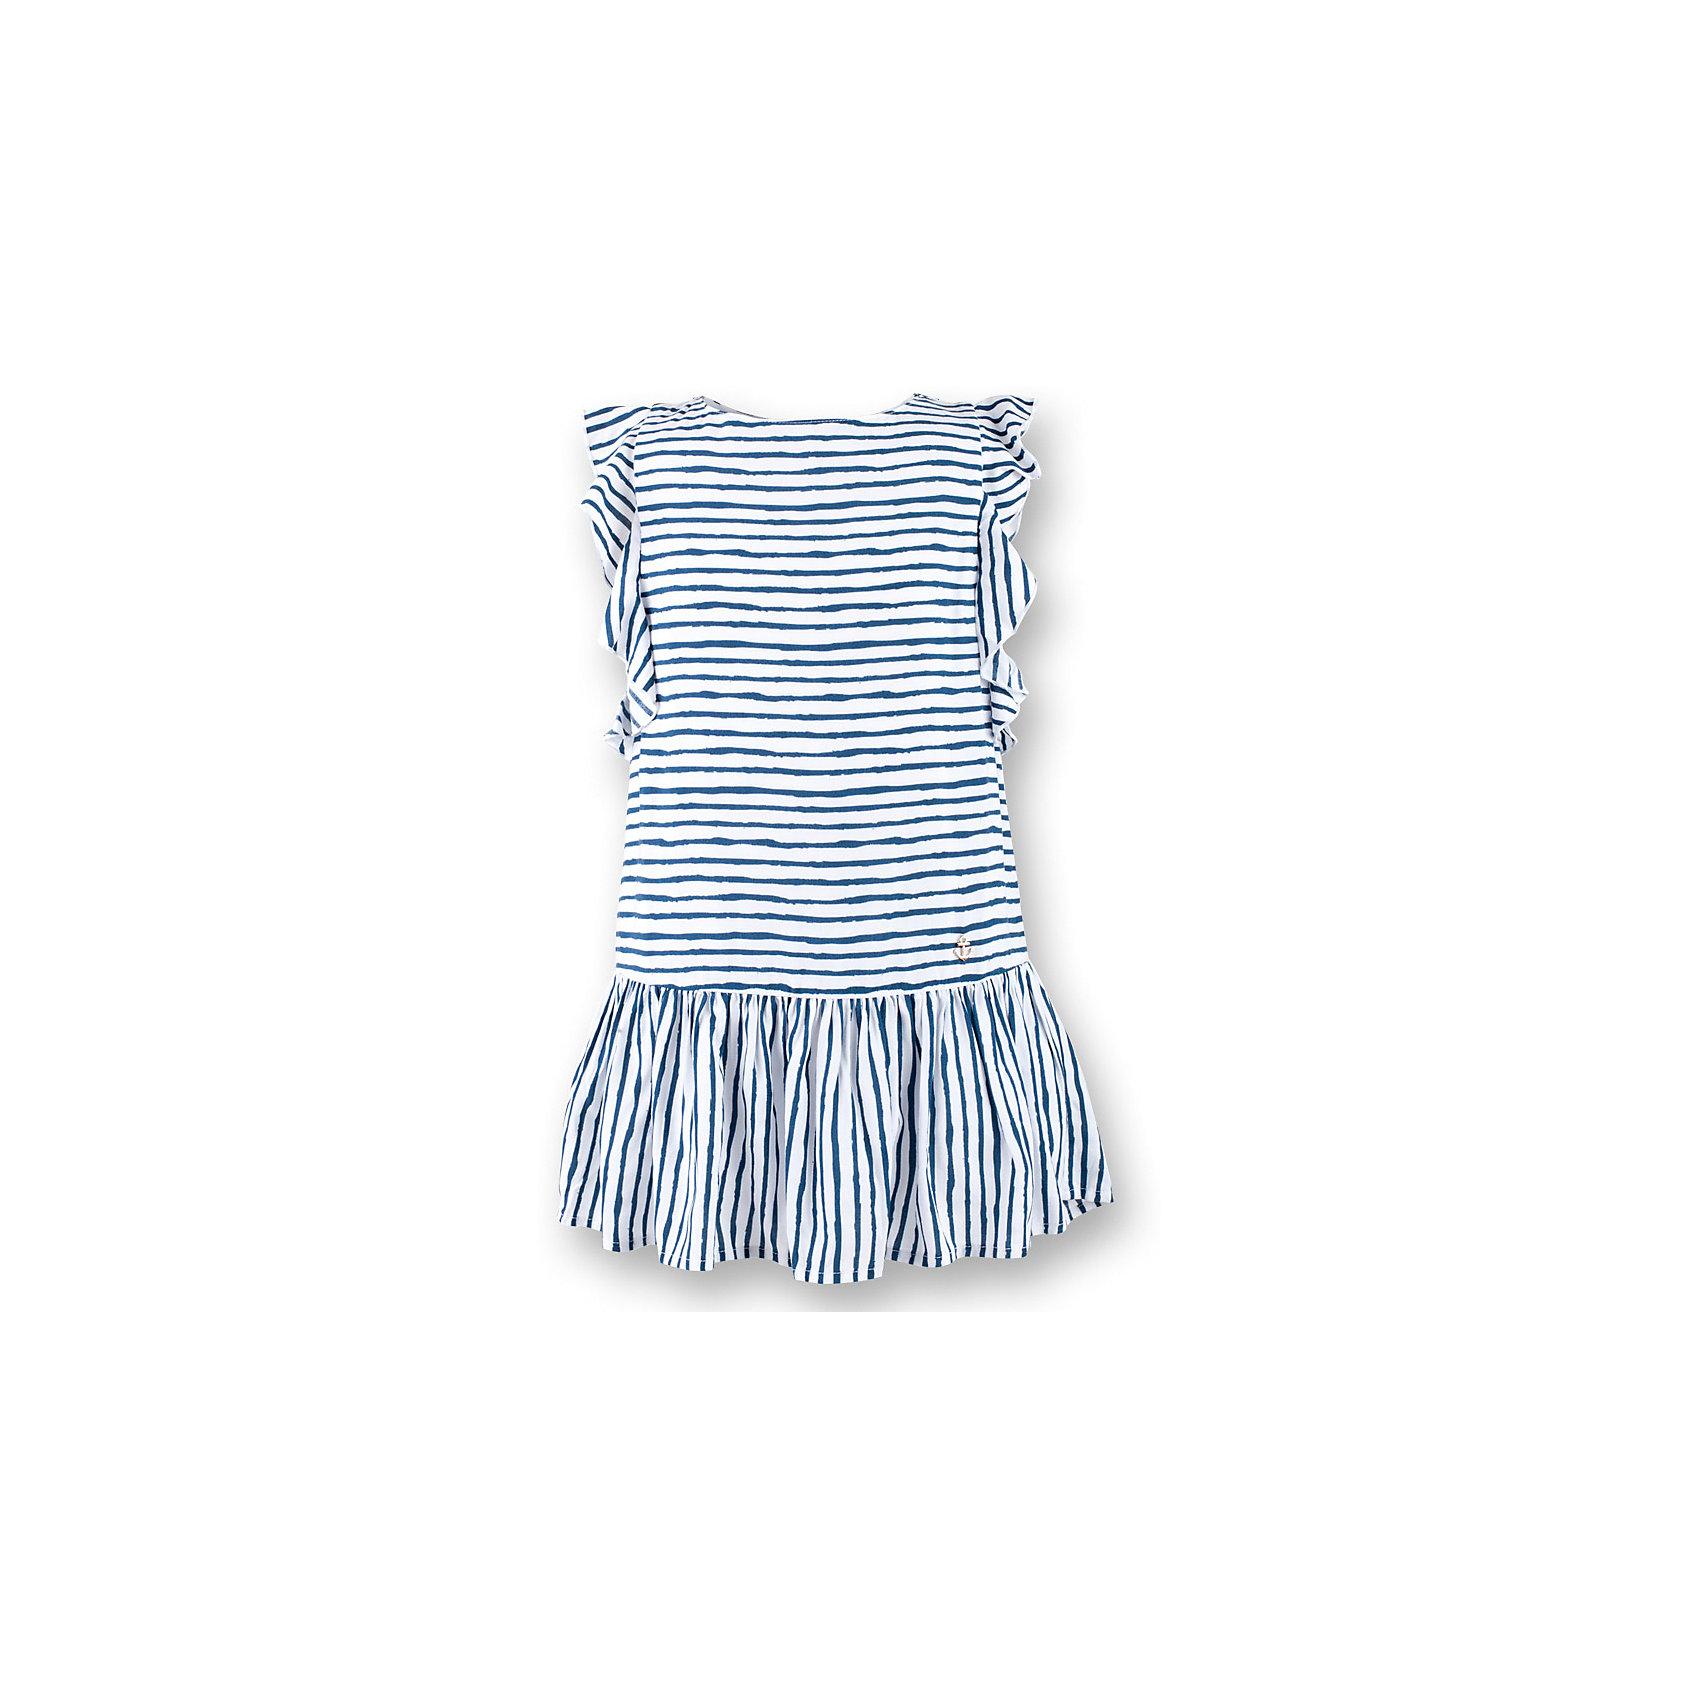 Платье для девочки  BUTTON BLUEПлатья и сарафаны<br>Платье для девочки  BUTTON BLUE<br>Прекрасный летний вариант -  текстильное платье в полоску на тонкой хлопковой подкладке. Модный силуэт, комфортная форма, выразительные детали делают платье для девочки отличным решением для каждого дня лета. Если вы хотите приобрести одновременно и красивую, и практичную, и удобную вещь, вам стоит купить детское платье от Button Blue. Низкая цена не окажет влияния на бюджет семьи, позволив создать интересный базовый гардероб для долгожданных каникул!<br>Состав:<br>Ткань  верха: 100%  вискоза подклад: 100% хлопок<br><br>Ширина мм: 236<br>Глубина мм: 16<br>Высота мм: 184<br>Вес г: 177<br>Цвет: синий<br>Возраст от месяцев: 144<br>Возраст до месяцев: 156<br>Пол: Женский<br>Возраст: Детский<br>Размер: 158,98,104,110,116,122,128,134,140,152<br>SKU: 5523353